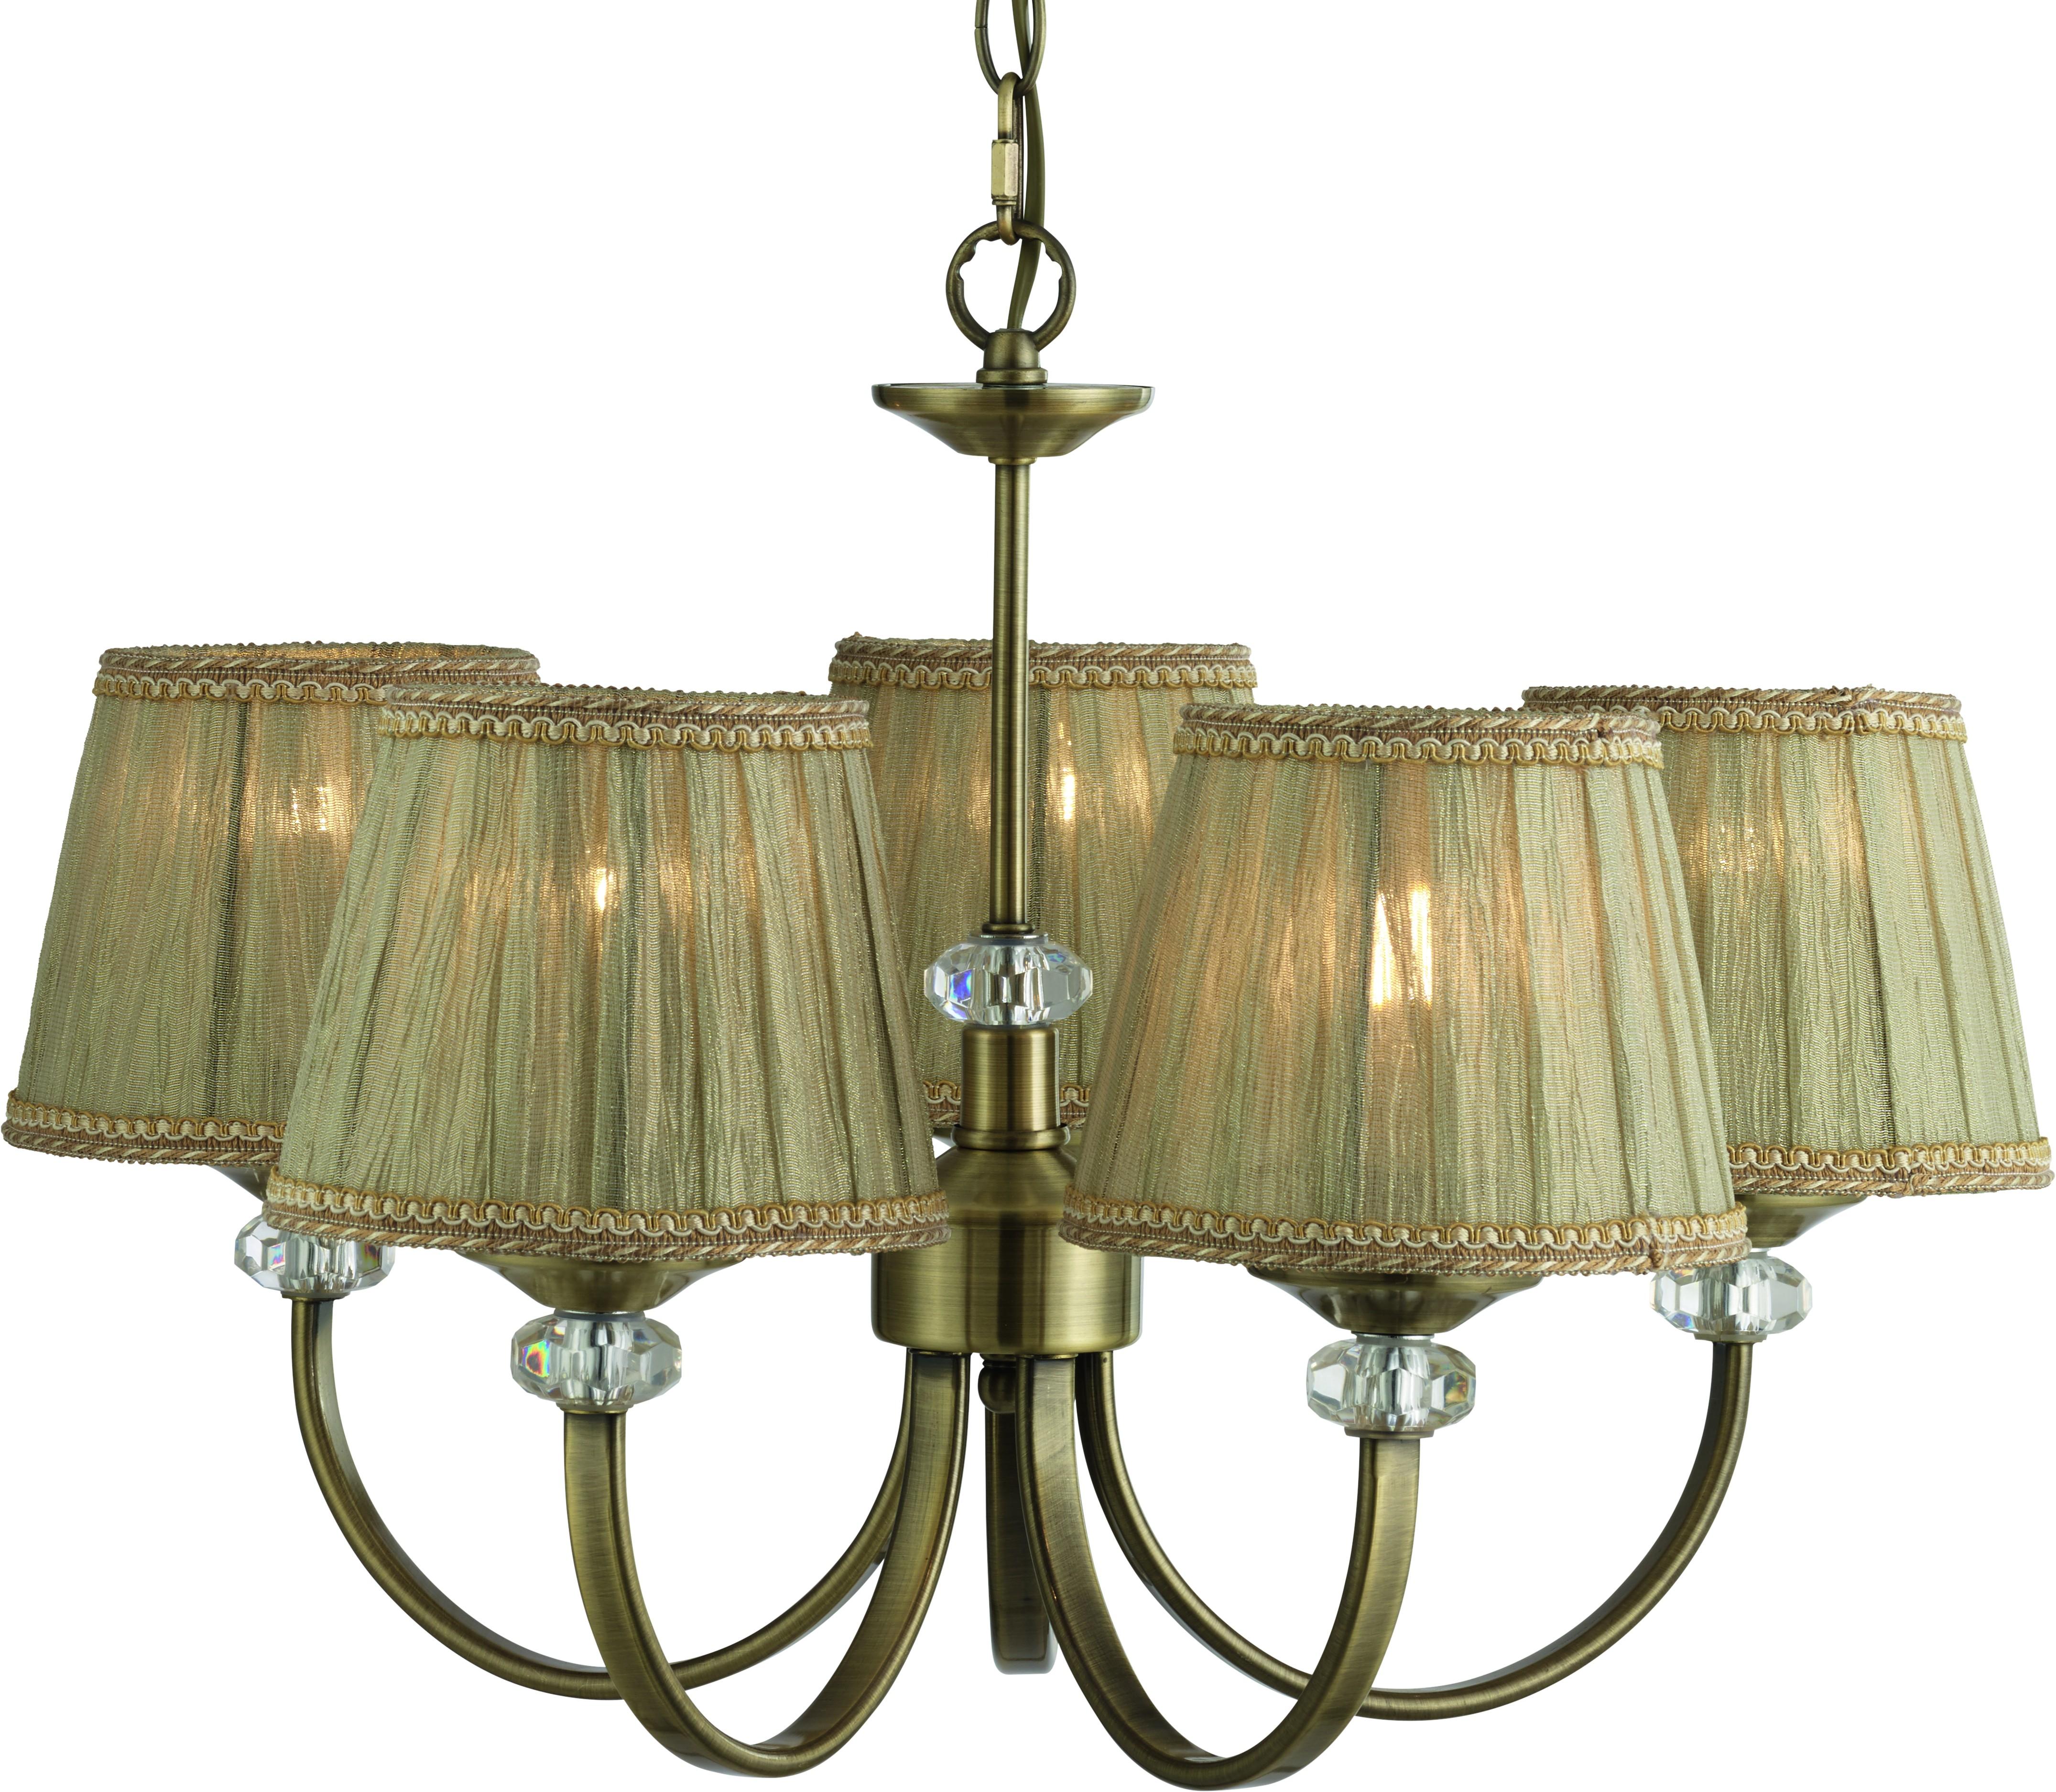 Люстра Arte lamp A1180lm-5ab arte lamp люстра arte lamp a7556pl 5ab